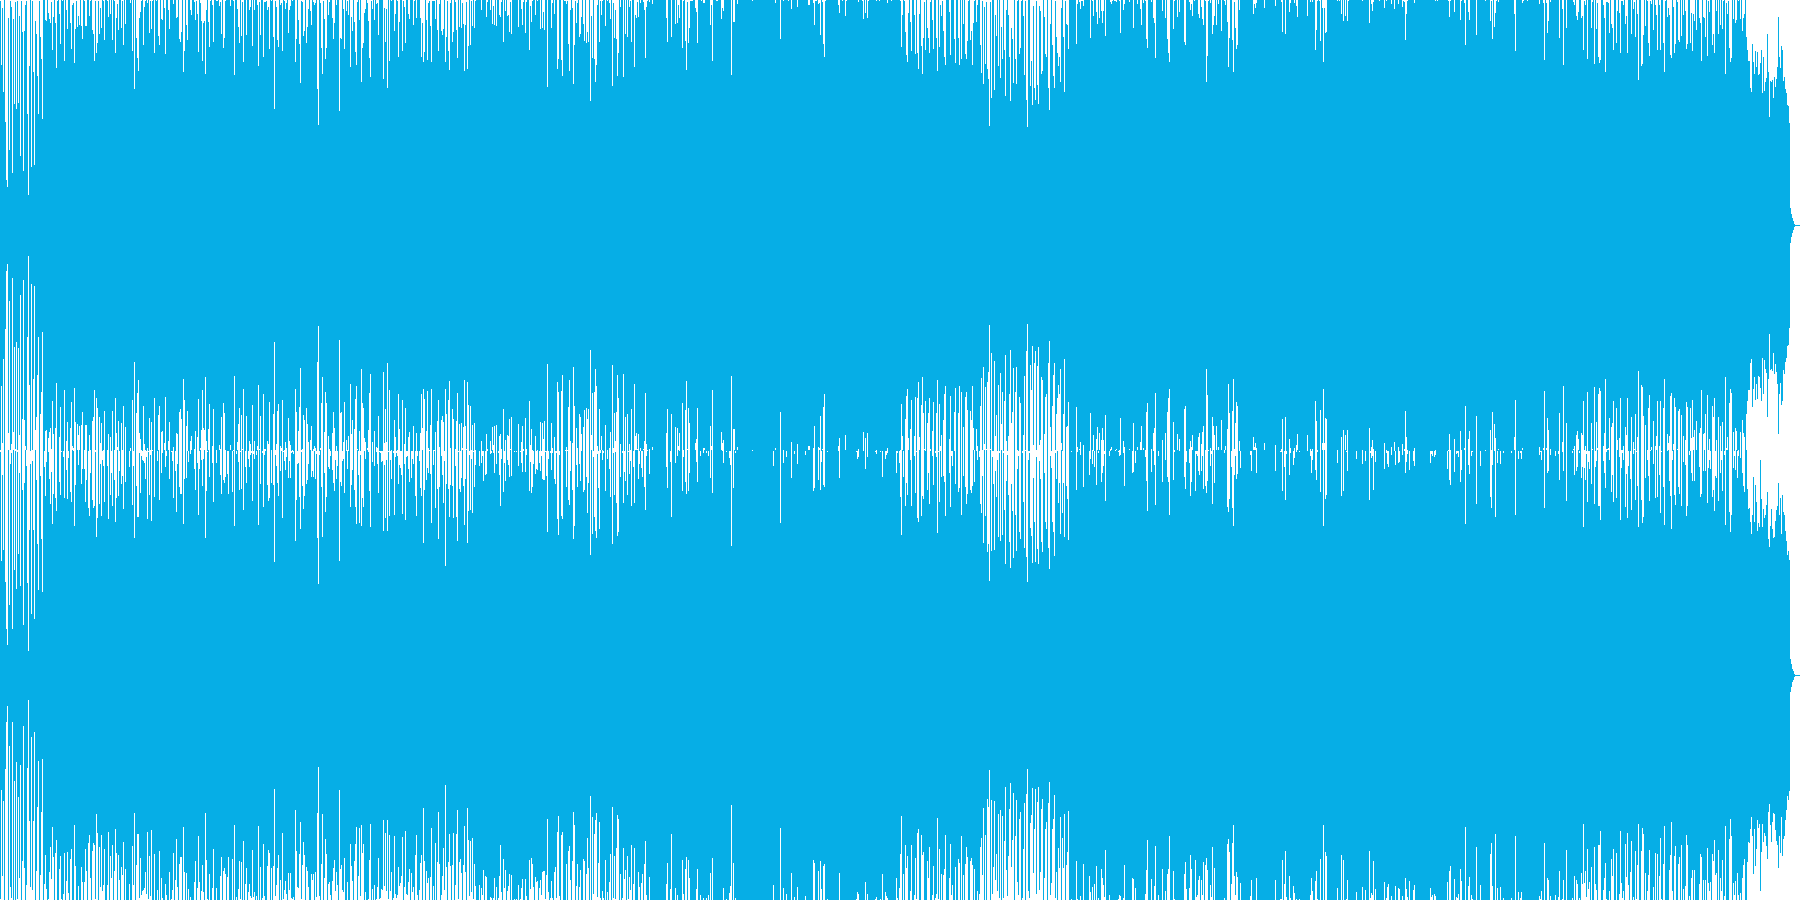 男性ボーカル / 情緒的なポップスの再生済みの波形